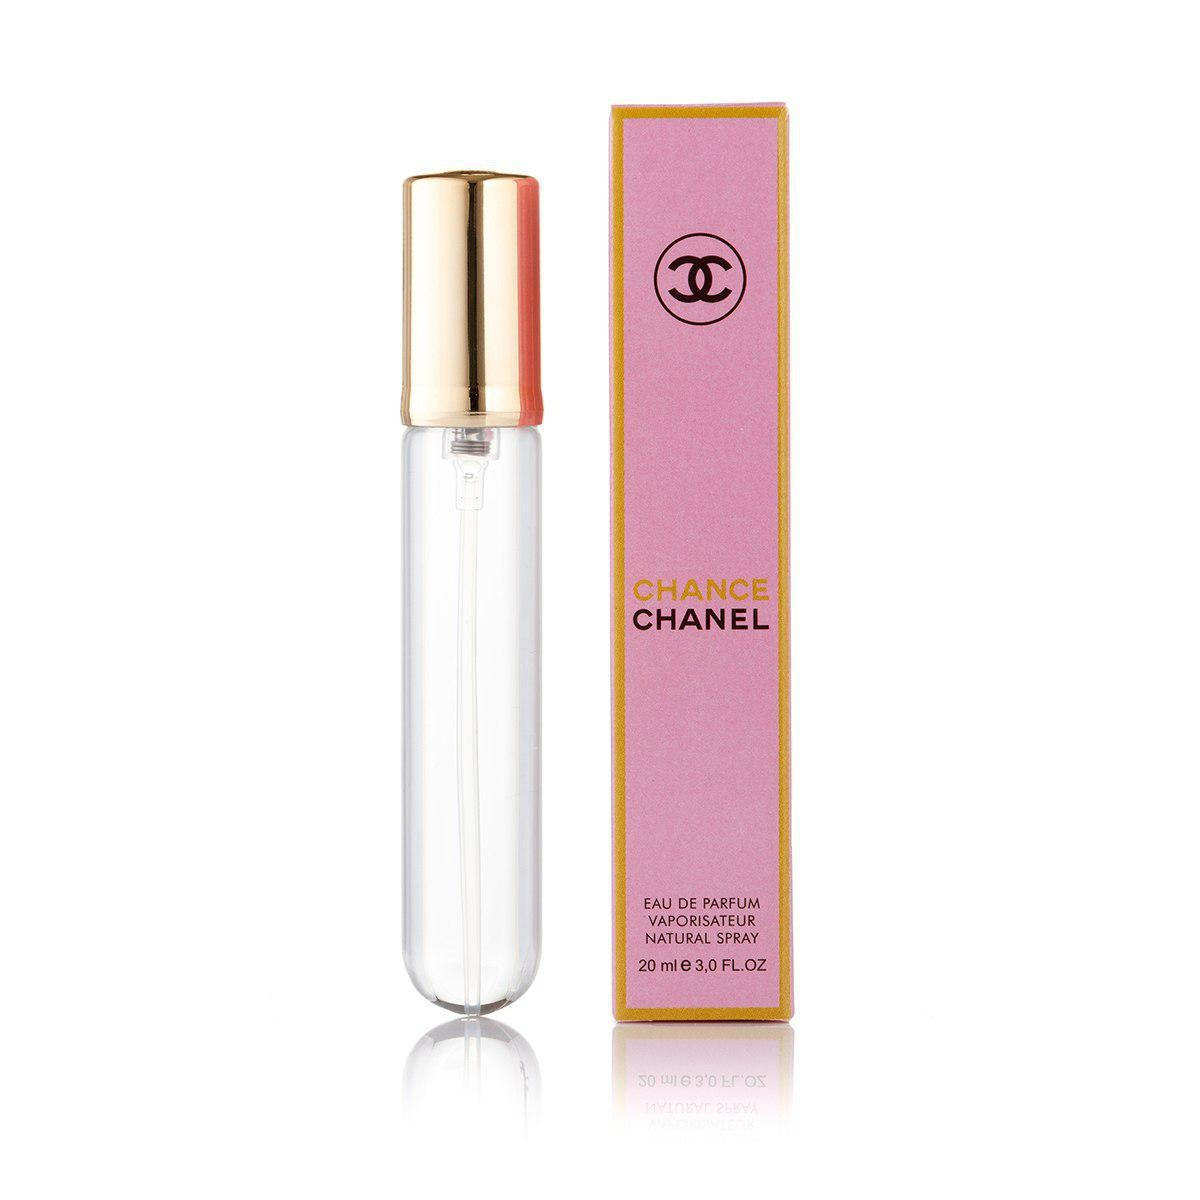 Chanel Chance Parfum - Parfum Stick 20ml